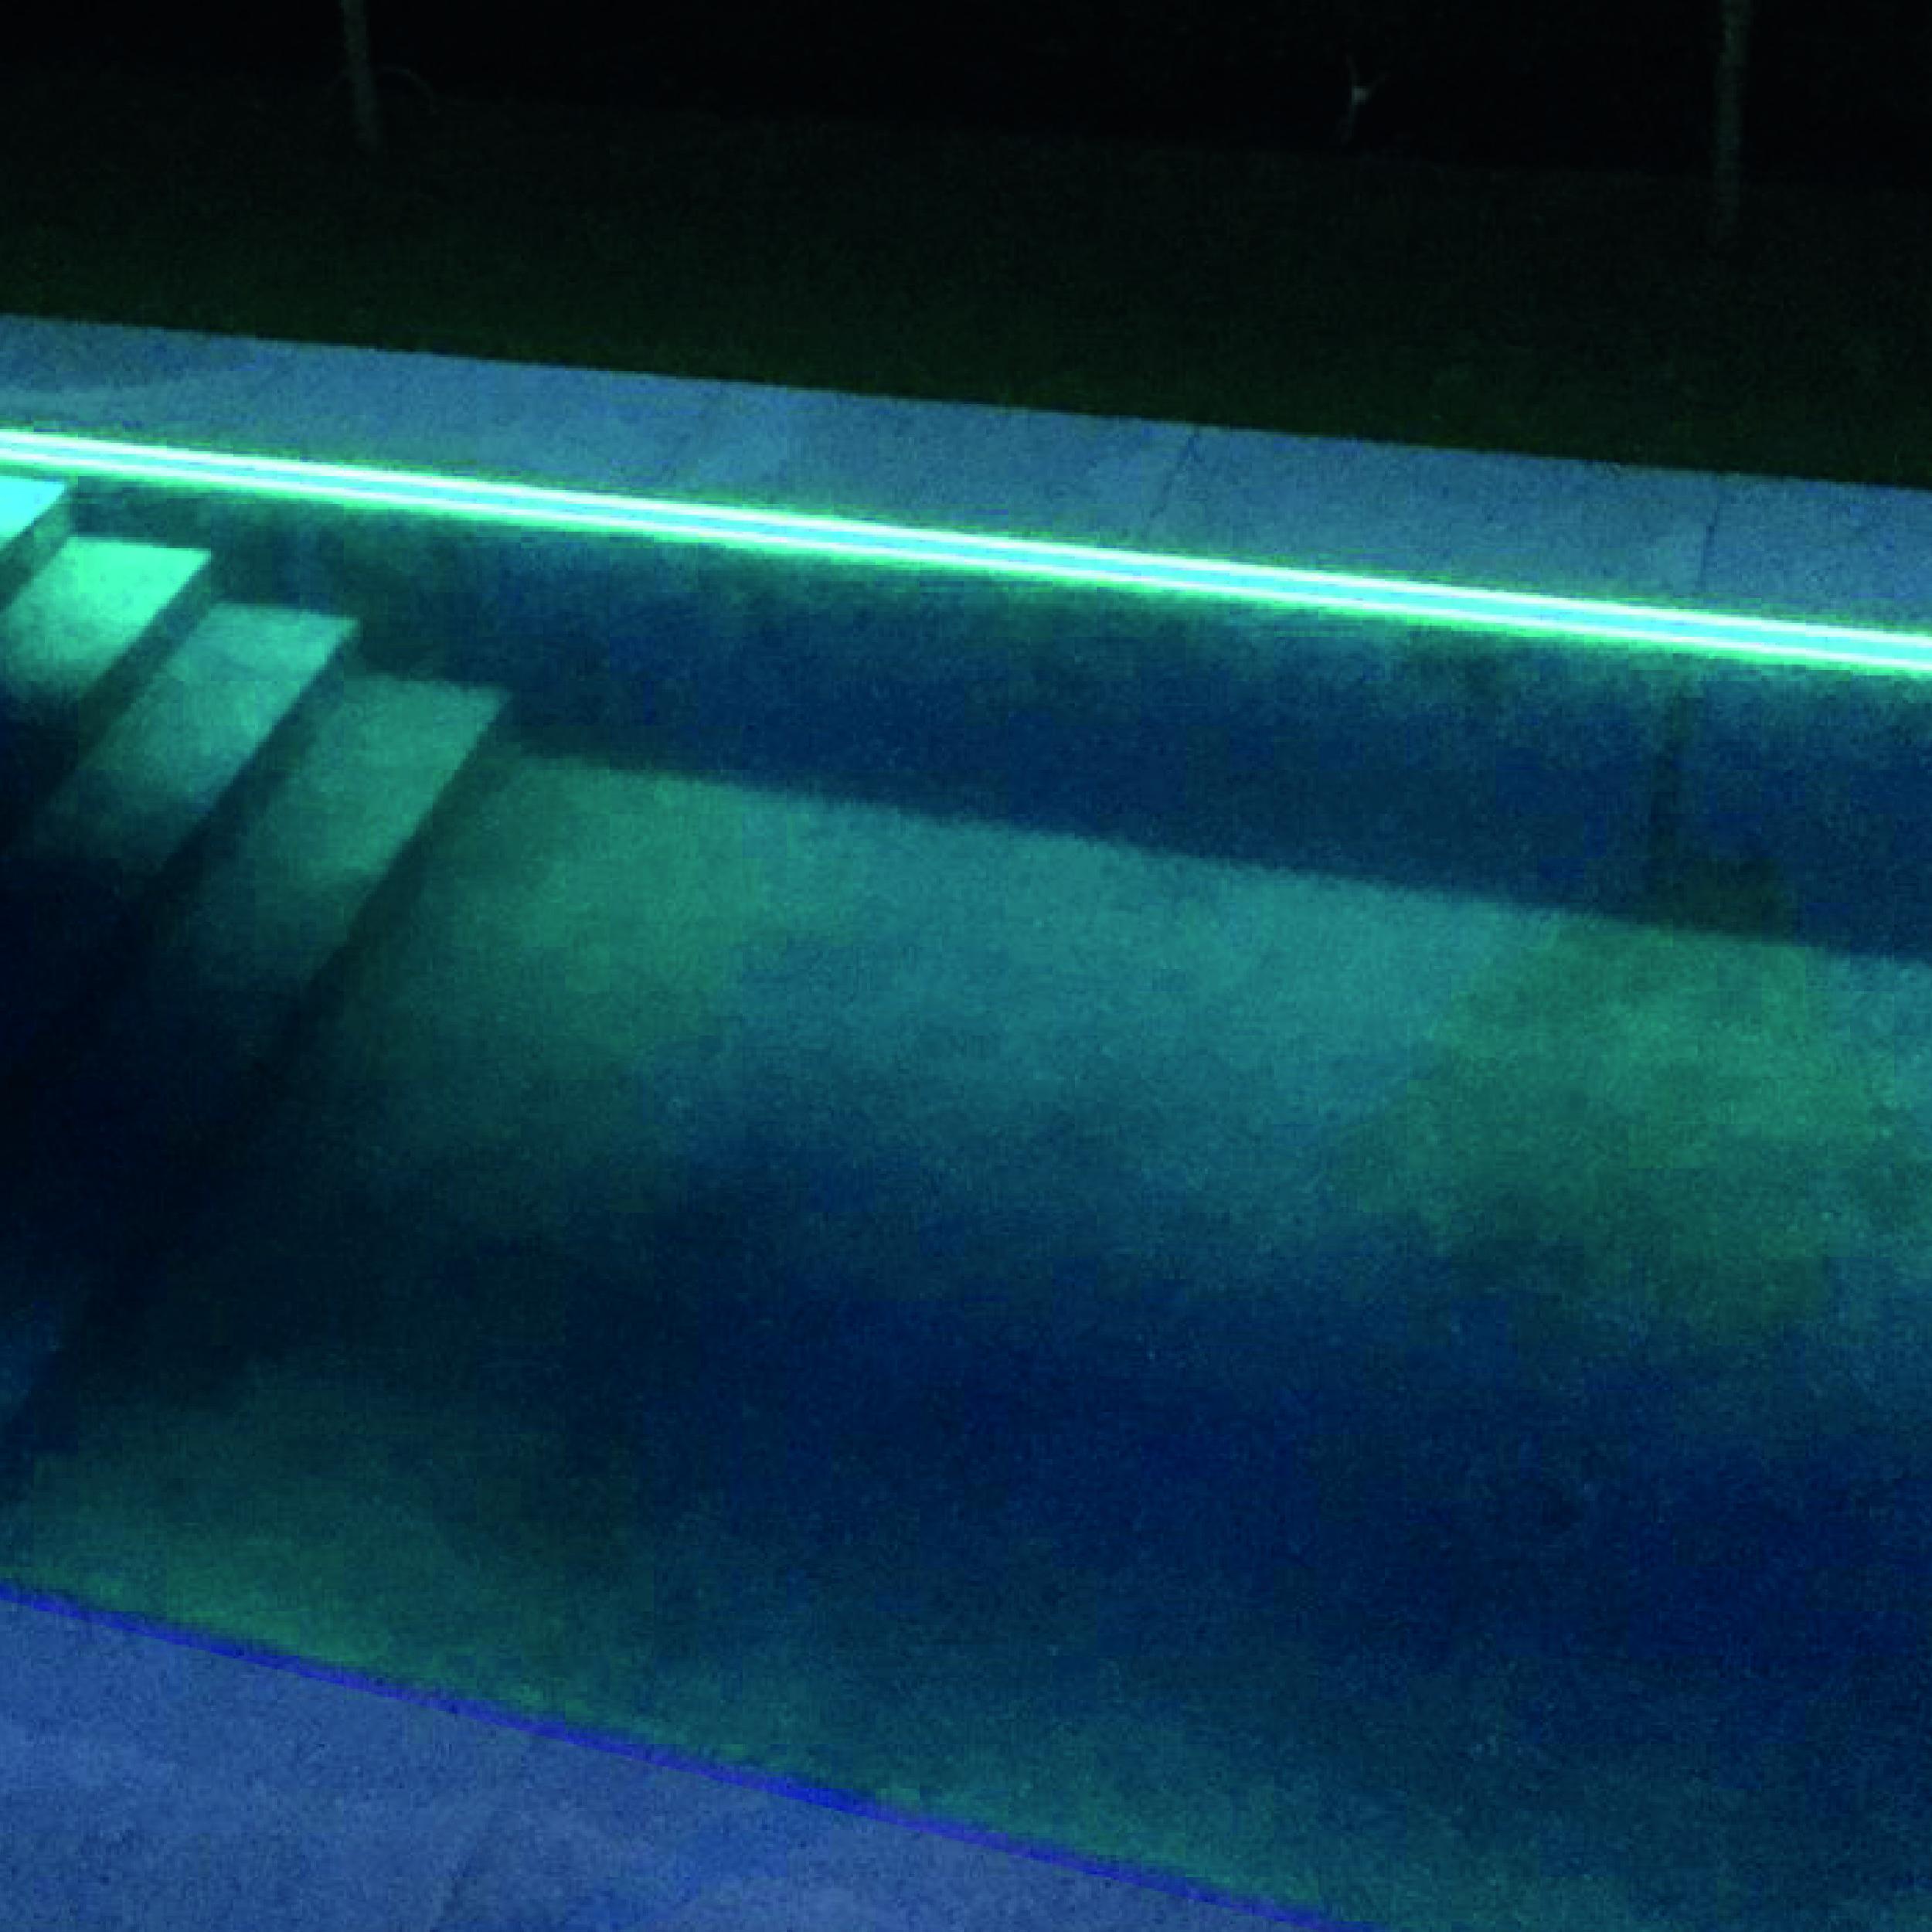 Eclairage Contre Marche Led kit ruban led 25 mètres piscine rgb ip68 -eclairage led professionnel |  objetsolaire